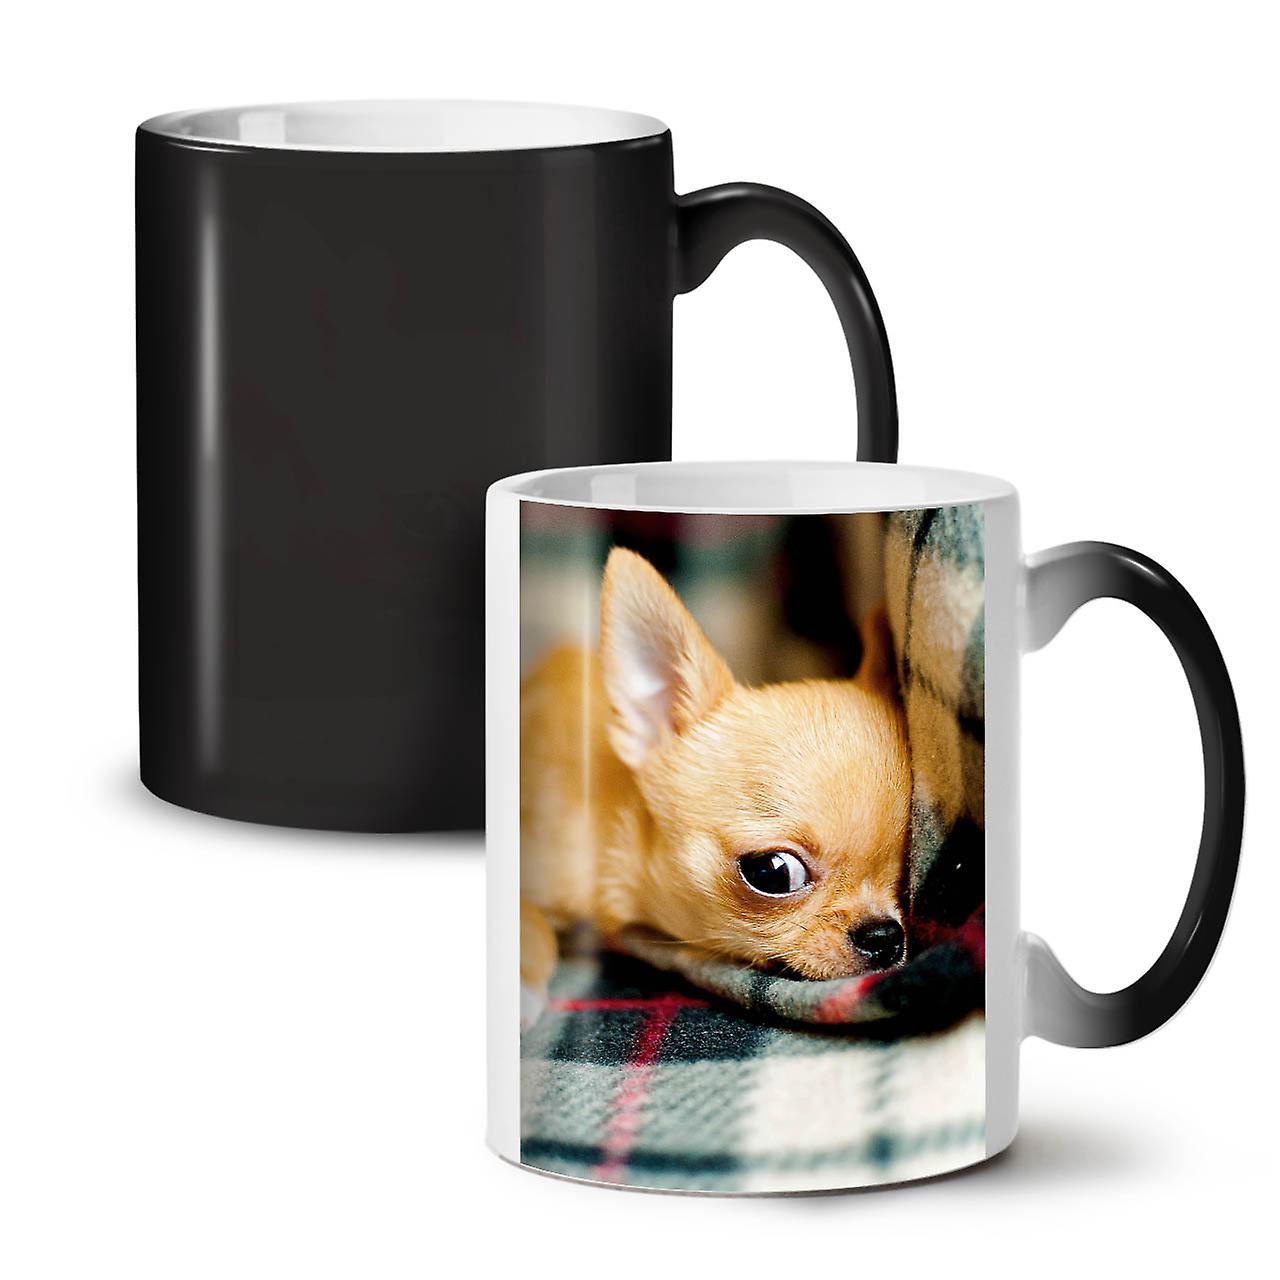 Chihuahua Mignon Coloris OzWellcoda Thé Nouveau Noir Chien Tasse Changeant 11 Café Céramique sQrxhdCt